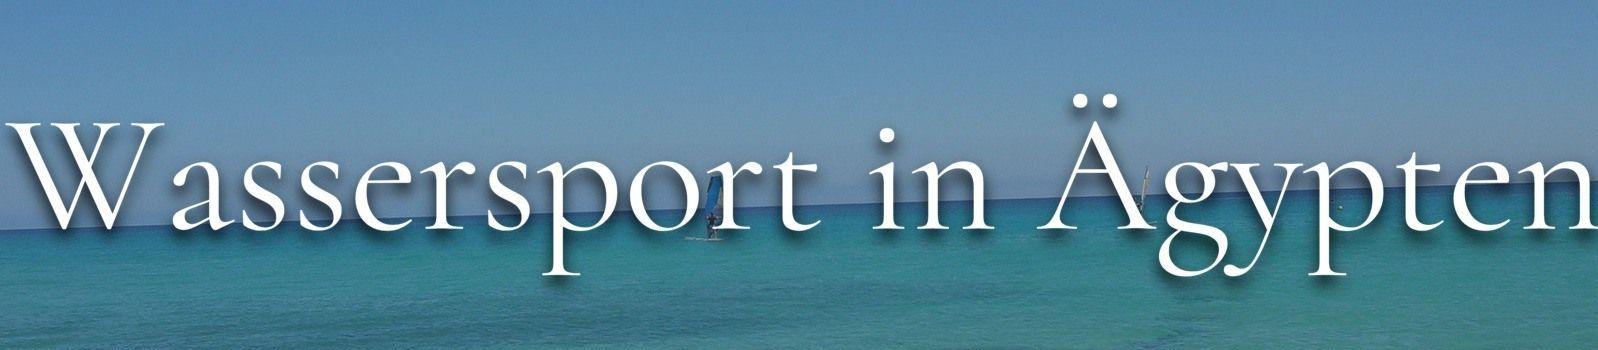 Wassersport Ägypten